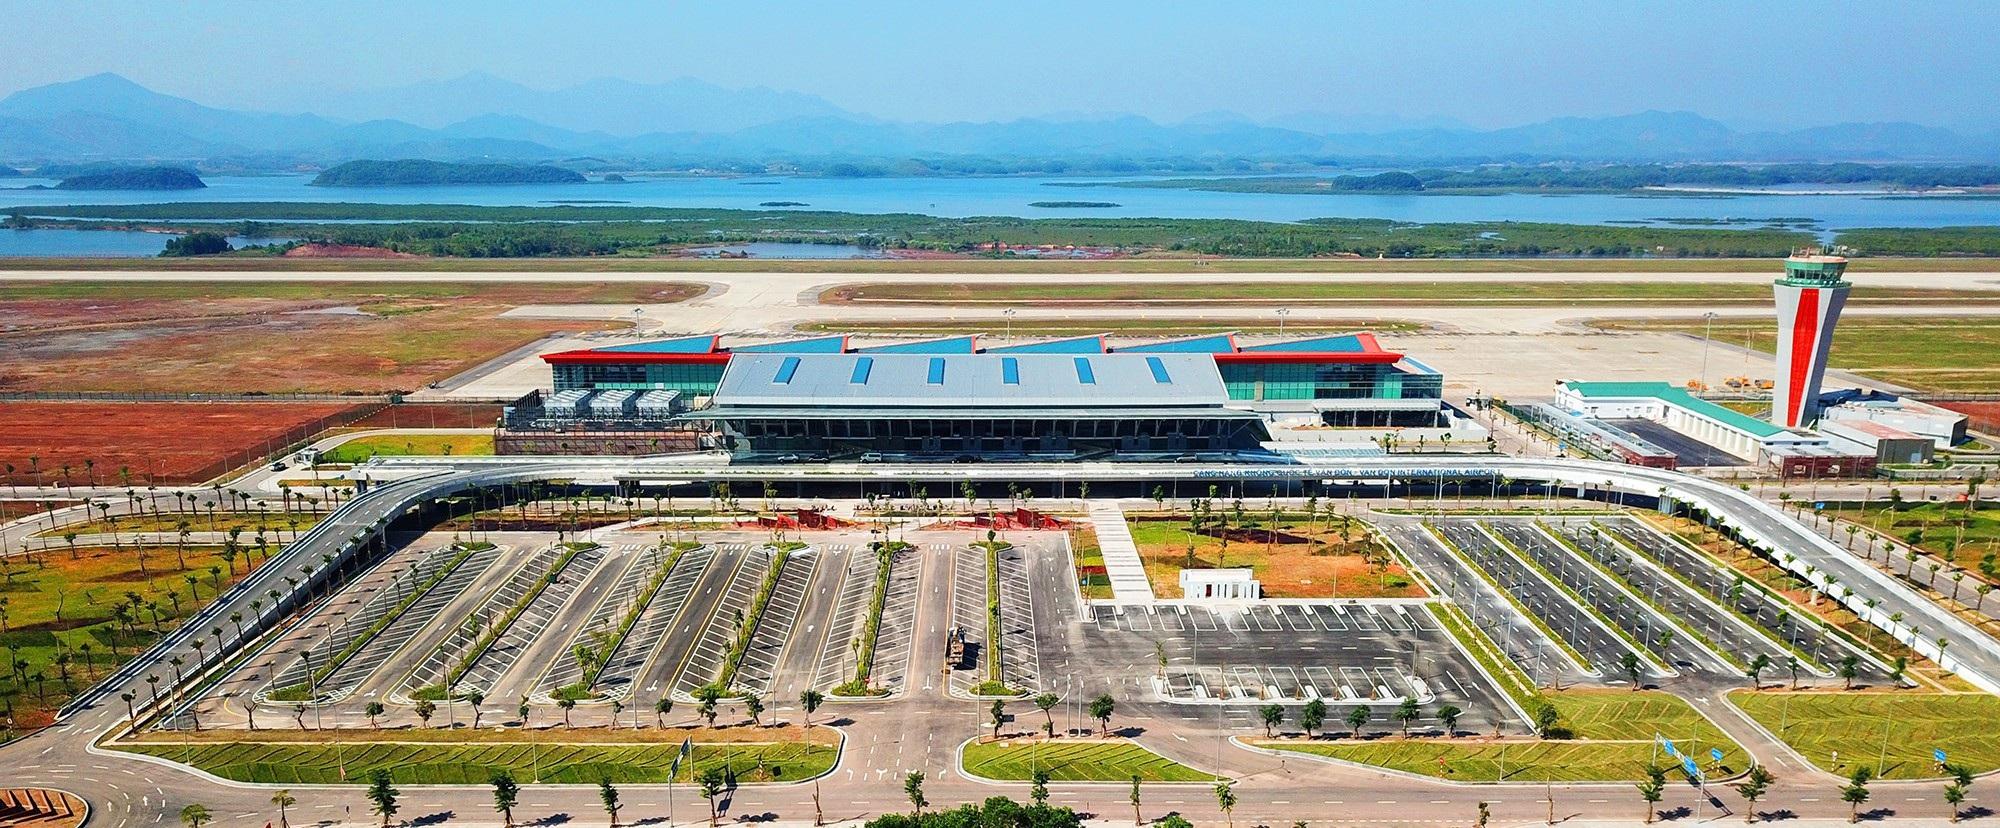 Thủ tướng phát lệnh khai trương sân bay quốc tế tư nhân đầu tiên Việt Nam - Ảnh 1.